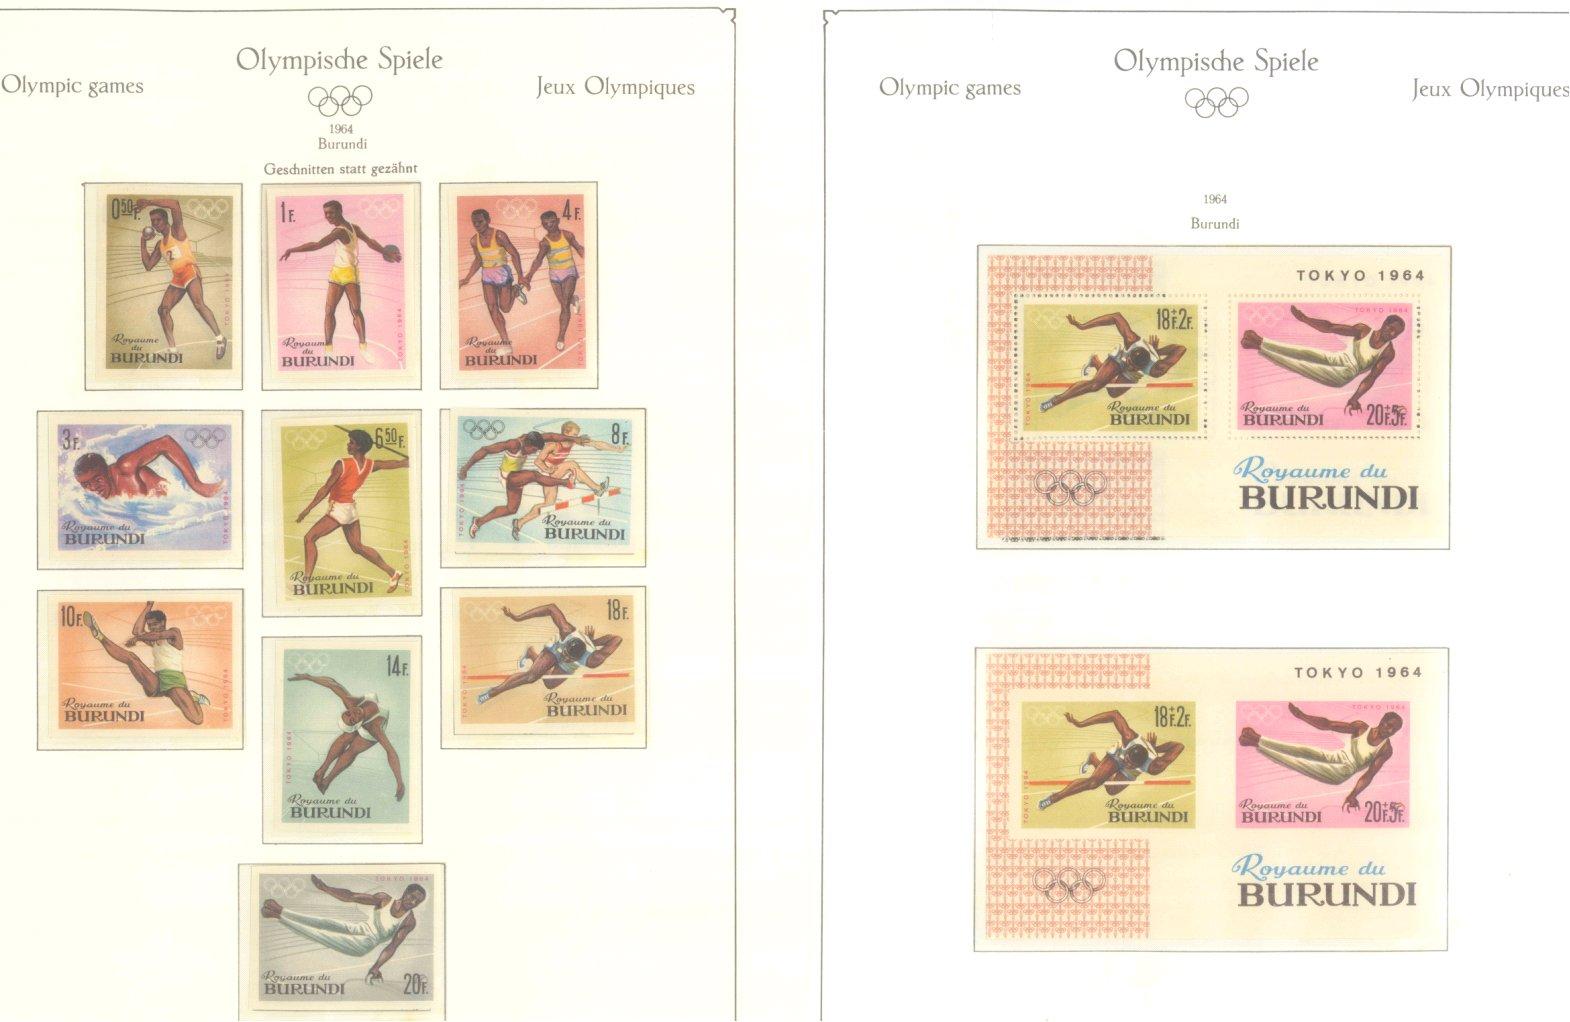 OLYMPISCHE SPIELE 1964 TOKIO, postfrische Sammlung Teil 1-4